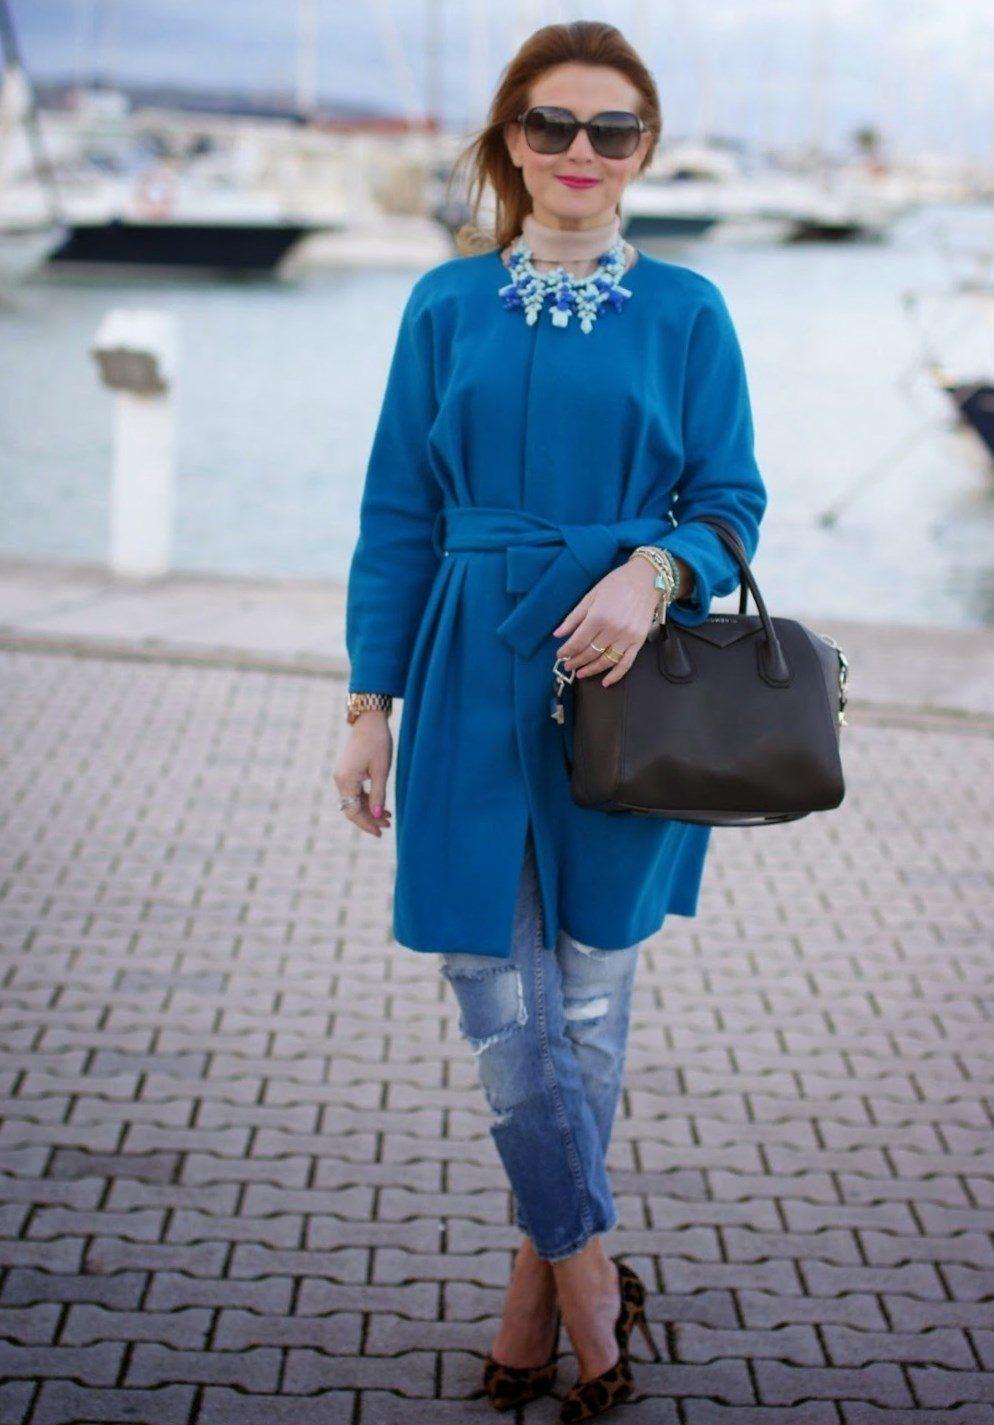 Turquoise Coat 35 Photos Mantel Wanita Bergaya Warna Pirus Gelap Dengan Apa Yang Digabungkan Turquoise